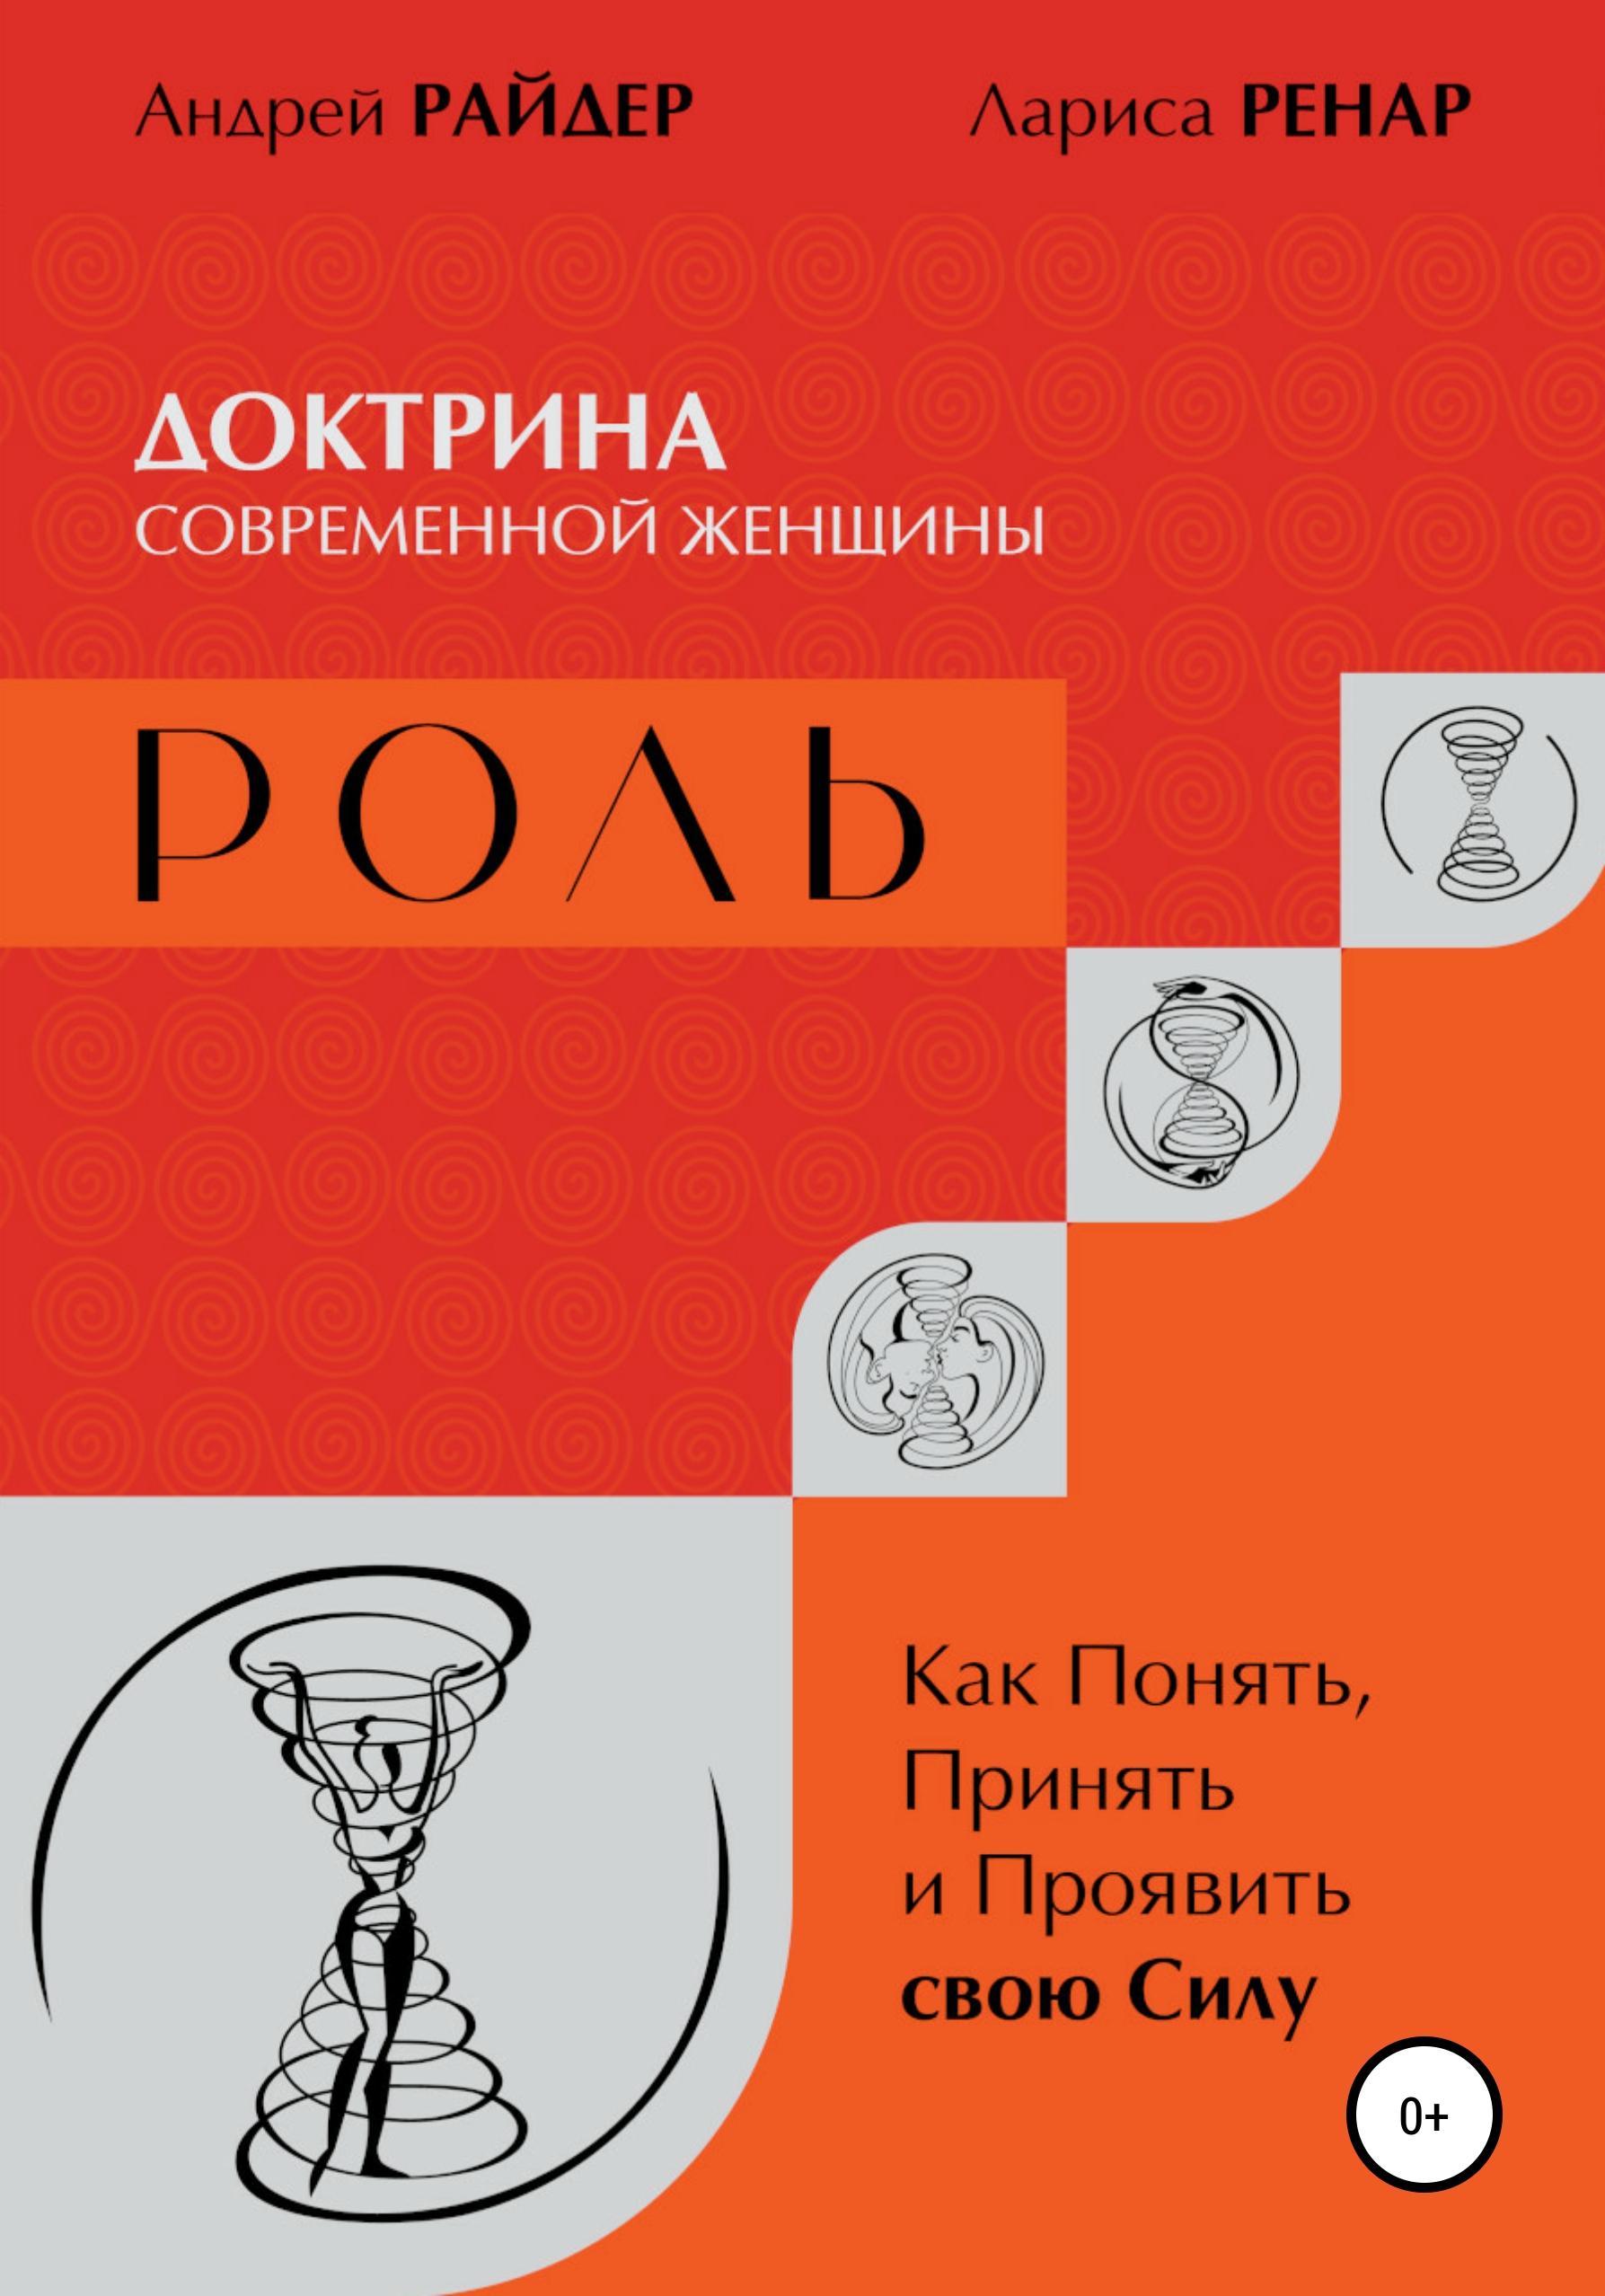 РОЛЬ – Доктрина современной женщины. Как Понять, Принять и Проявить свою Силу